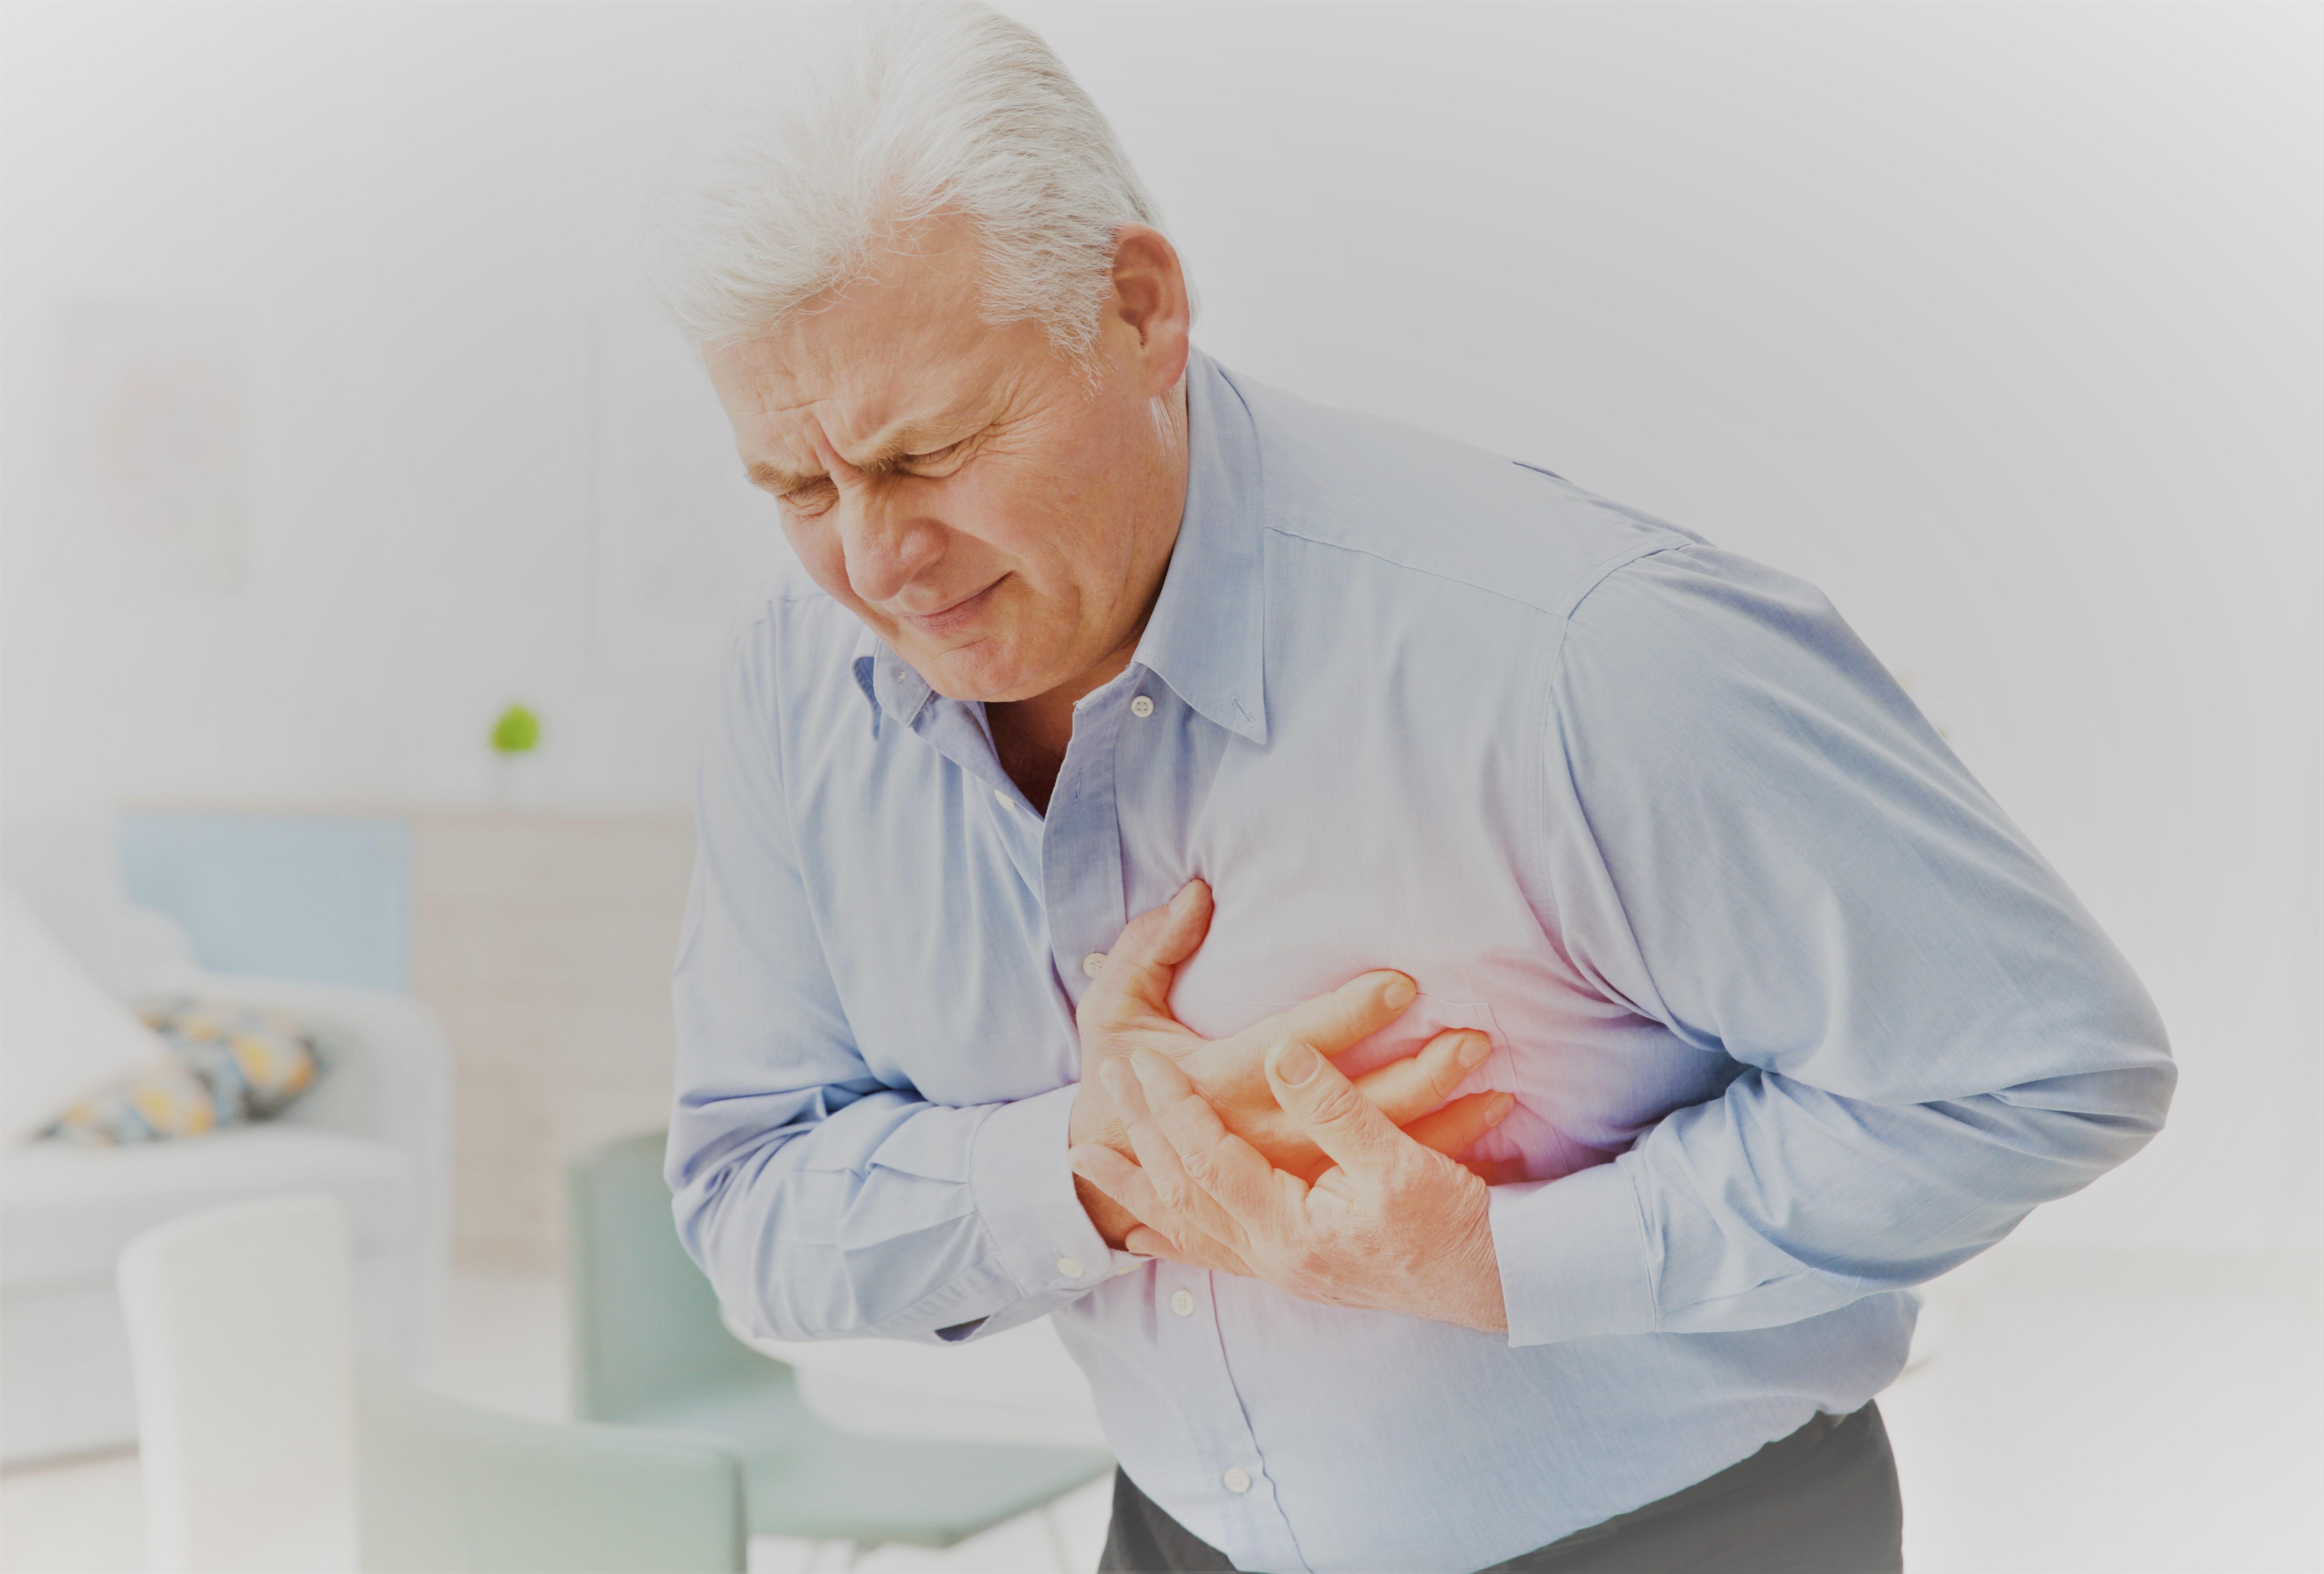 másodfokú hipertónia kockázata három